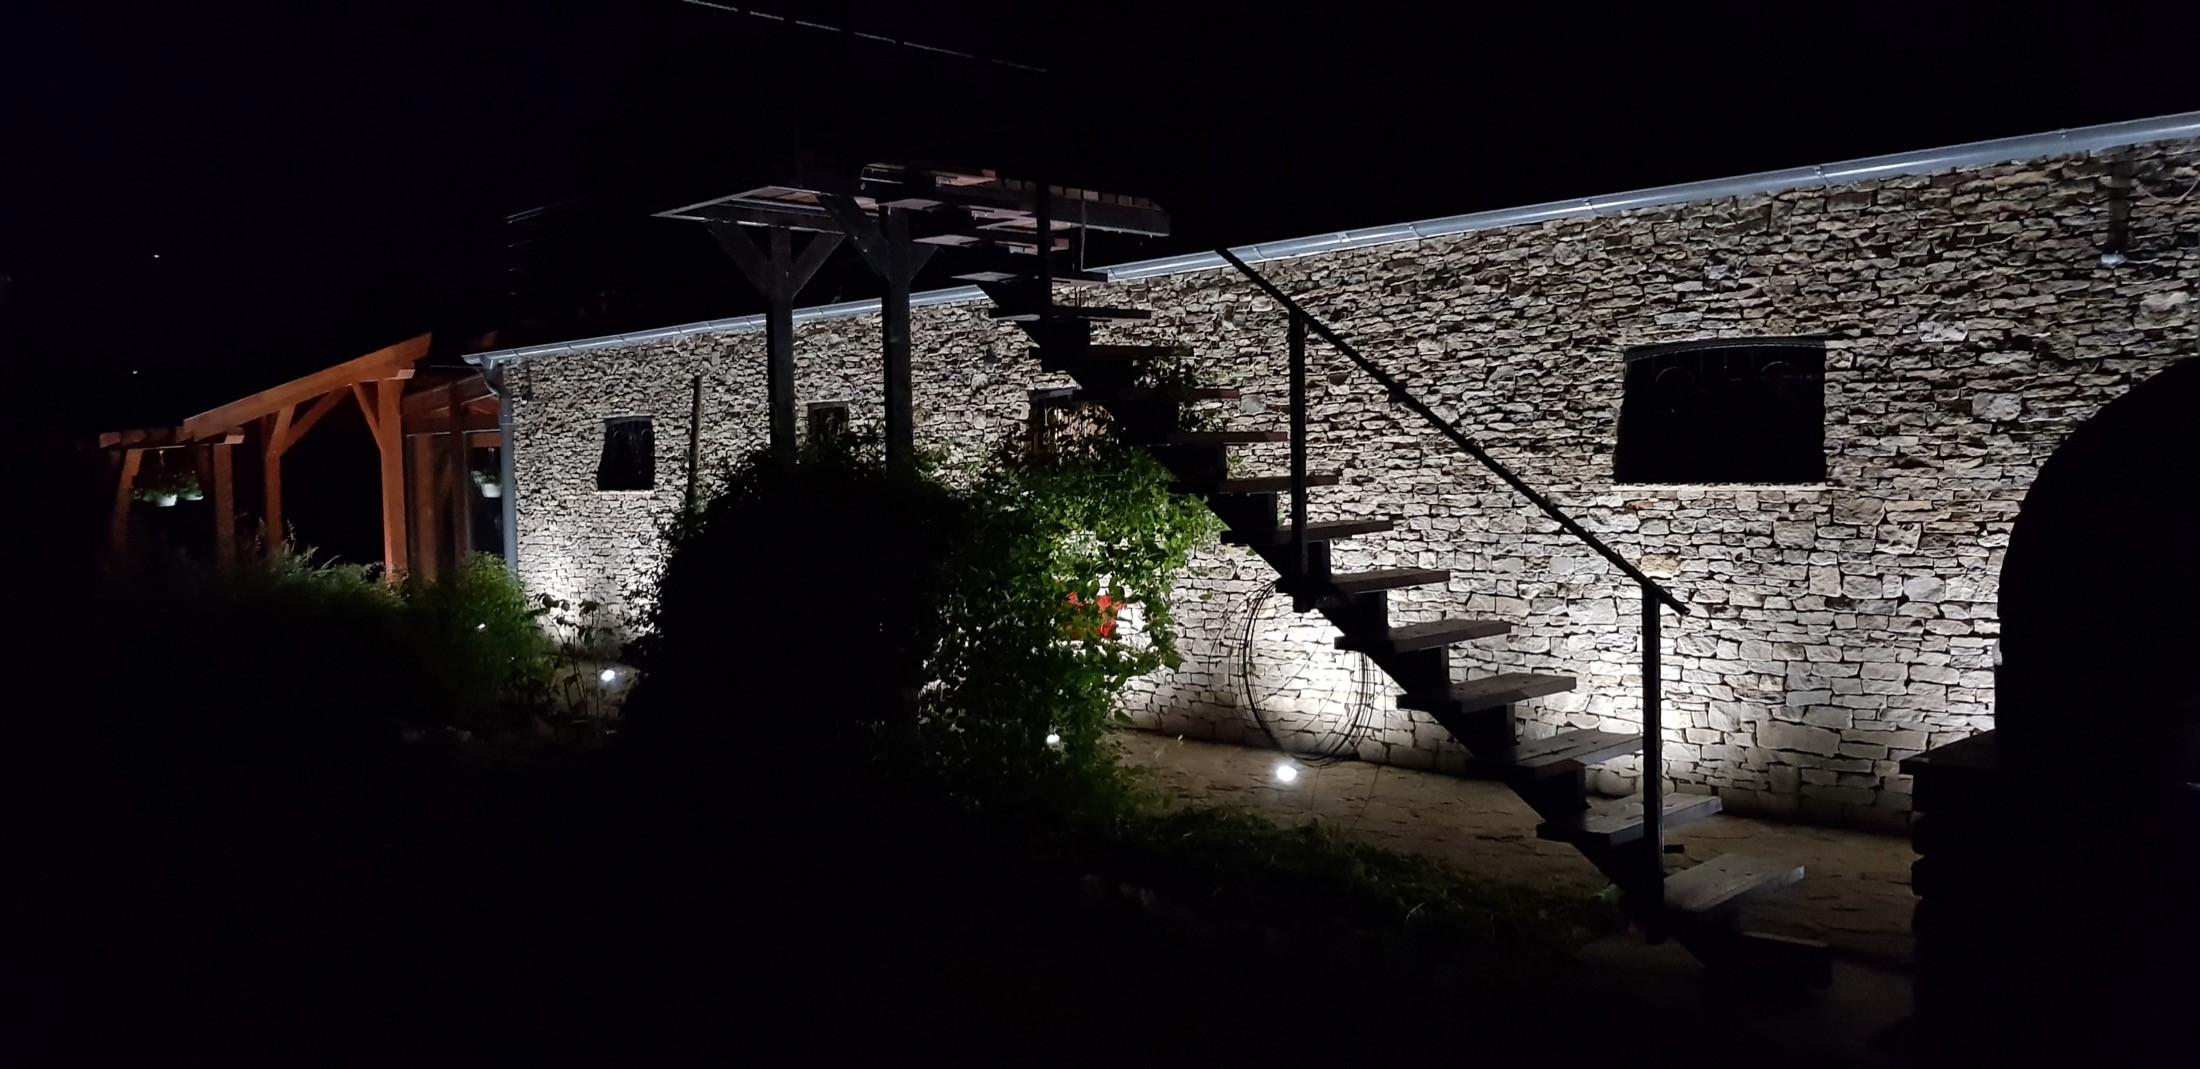 Hangulatvilágítás, esti csend lépcsővel, kemencével